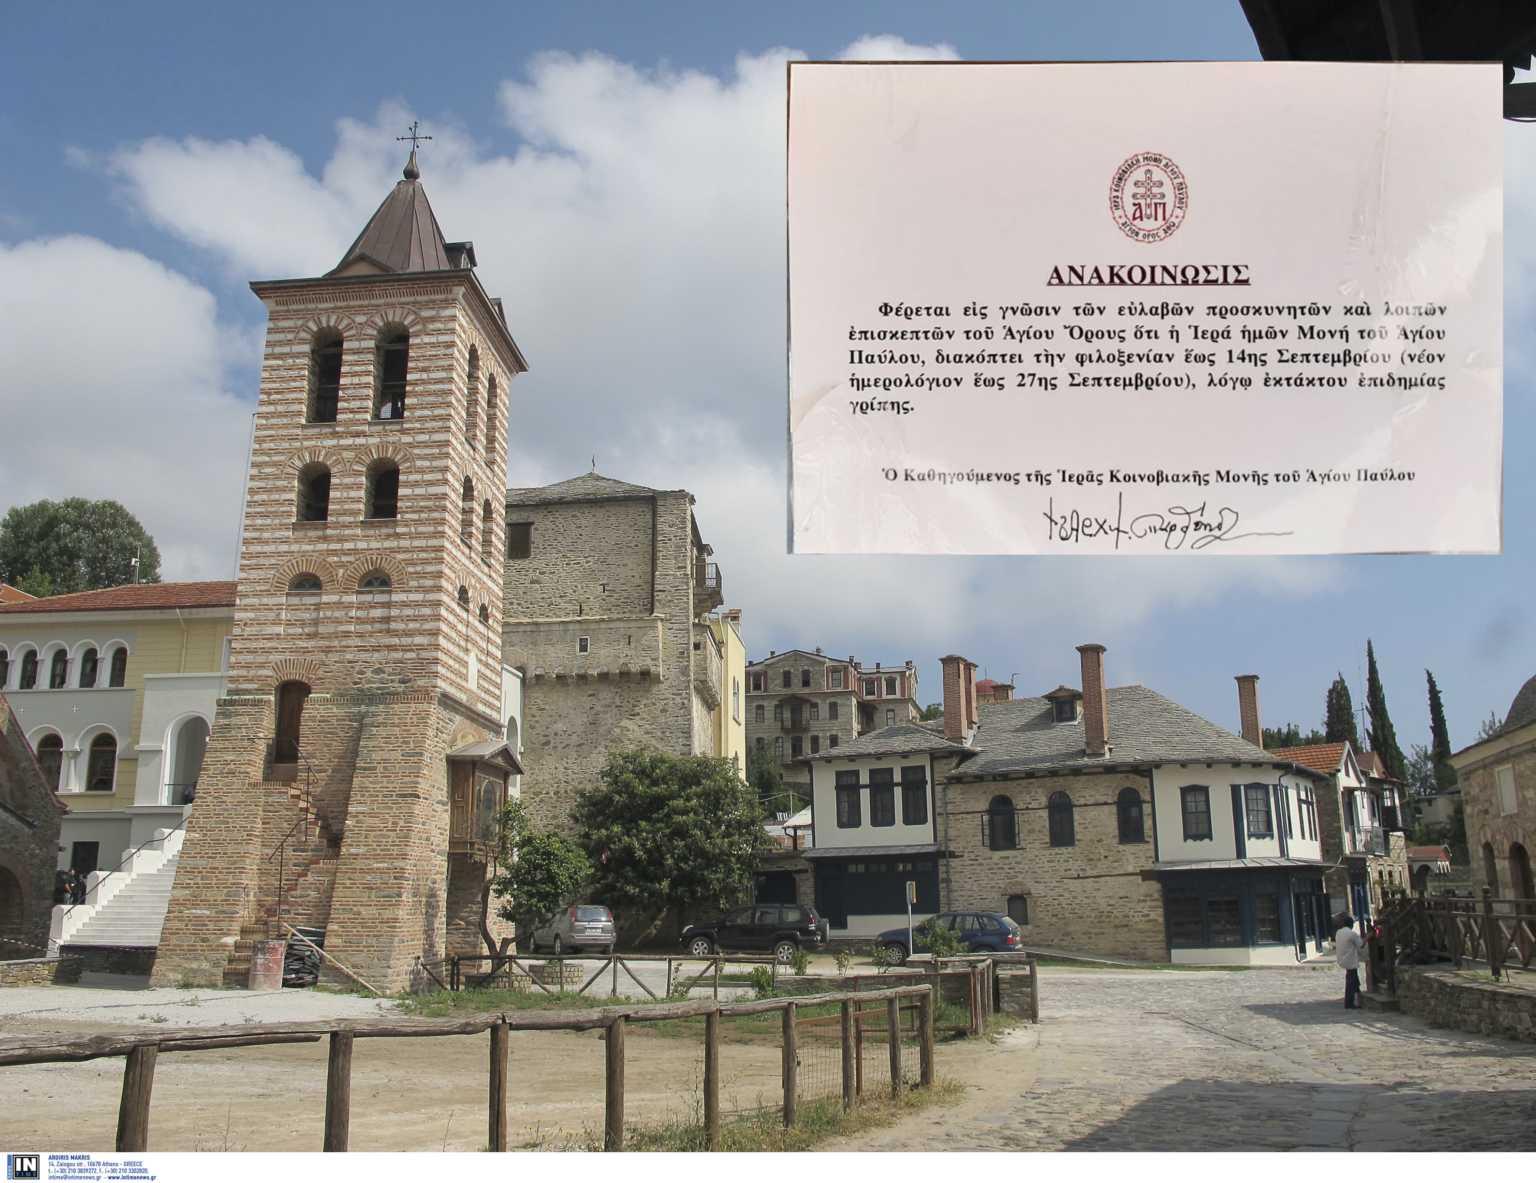 Μέτρα μετά τα κρούσματα στο Άγιο Όρος – «Βάφτισαν» τον κορονοϊό γρίπη στην Μονή Αγίου Παύλου